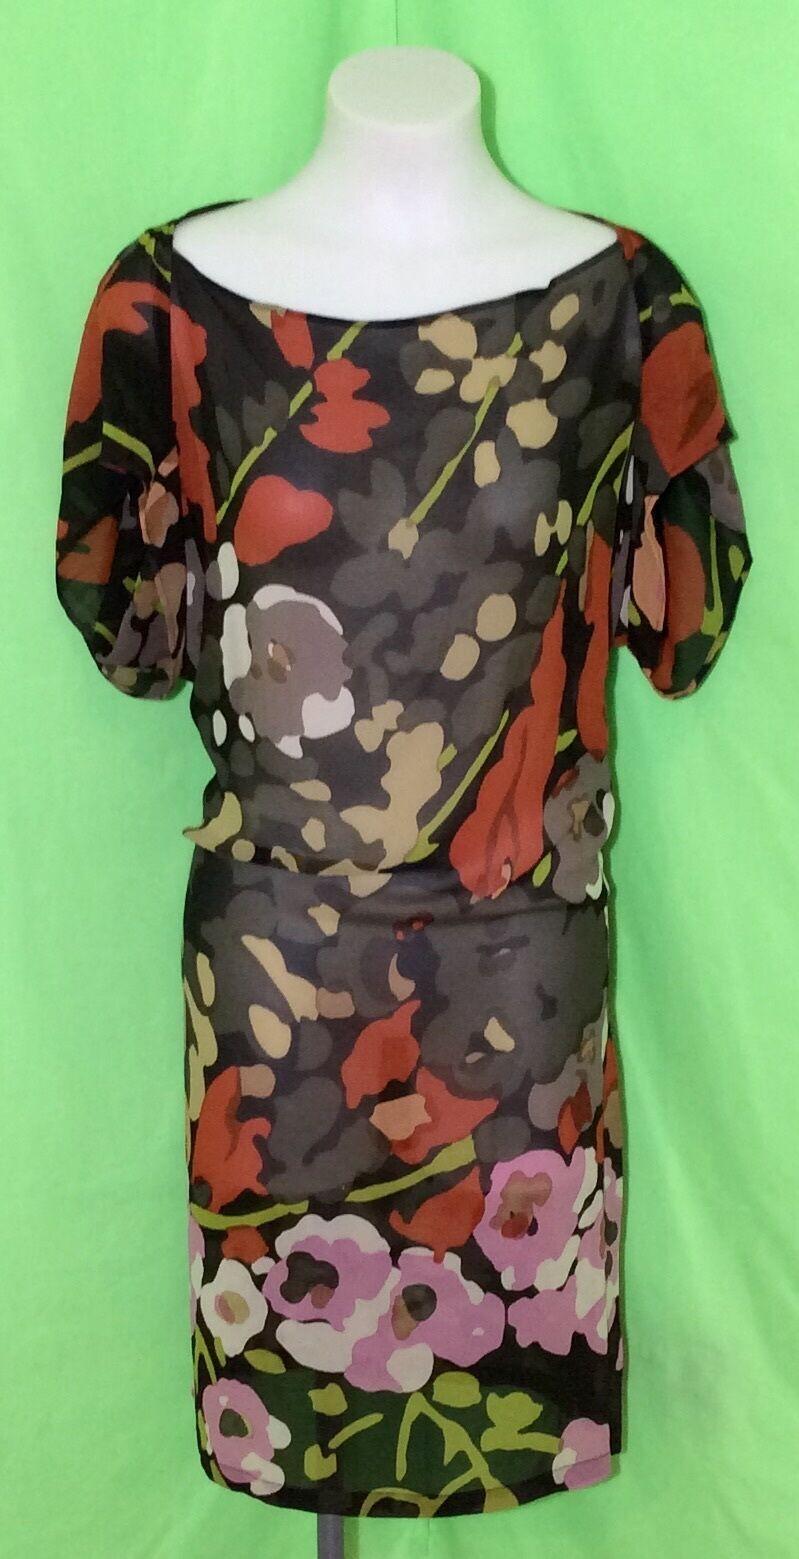 DRIES VAN NOTEN  Hecho en Italia 100% seda pura Vestido Colors Vibrantes 36 Reino Unido 8  tienda de venta en línea